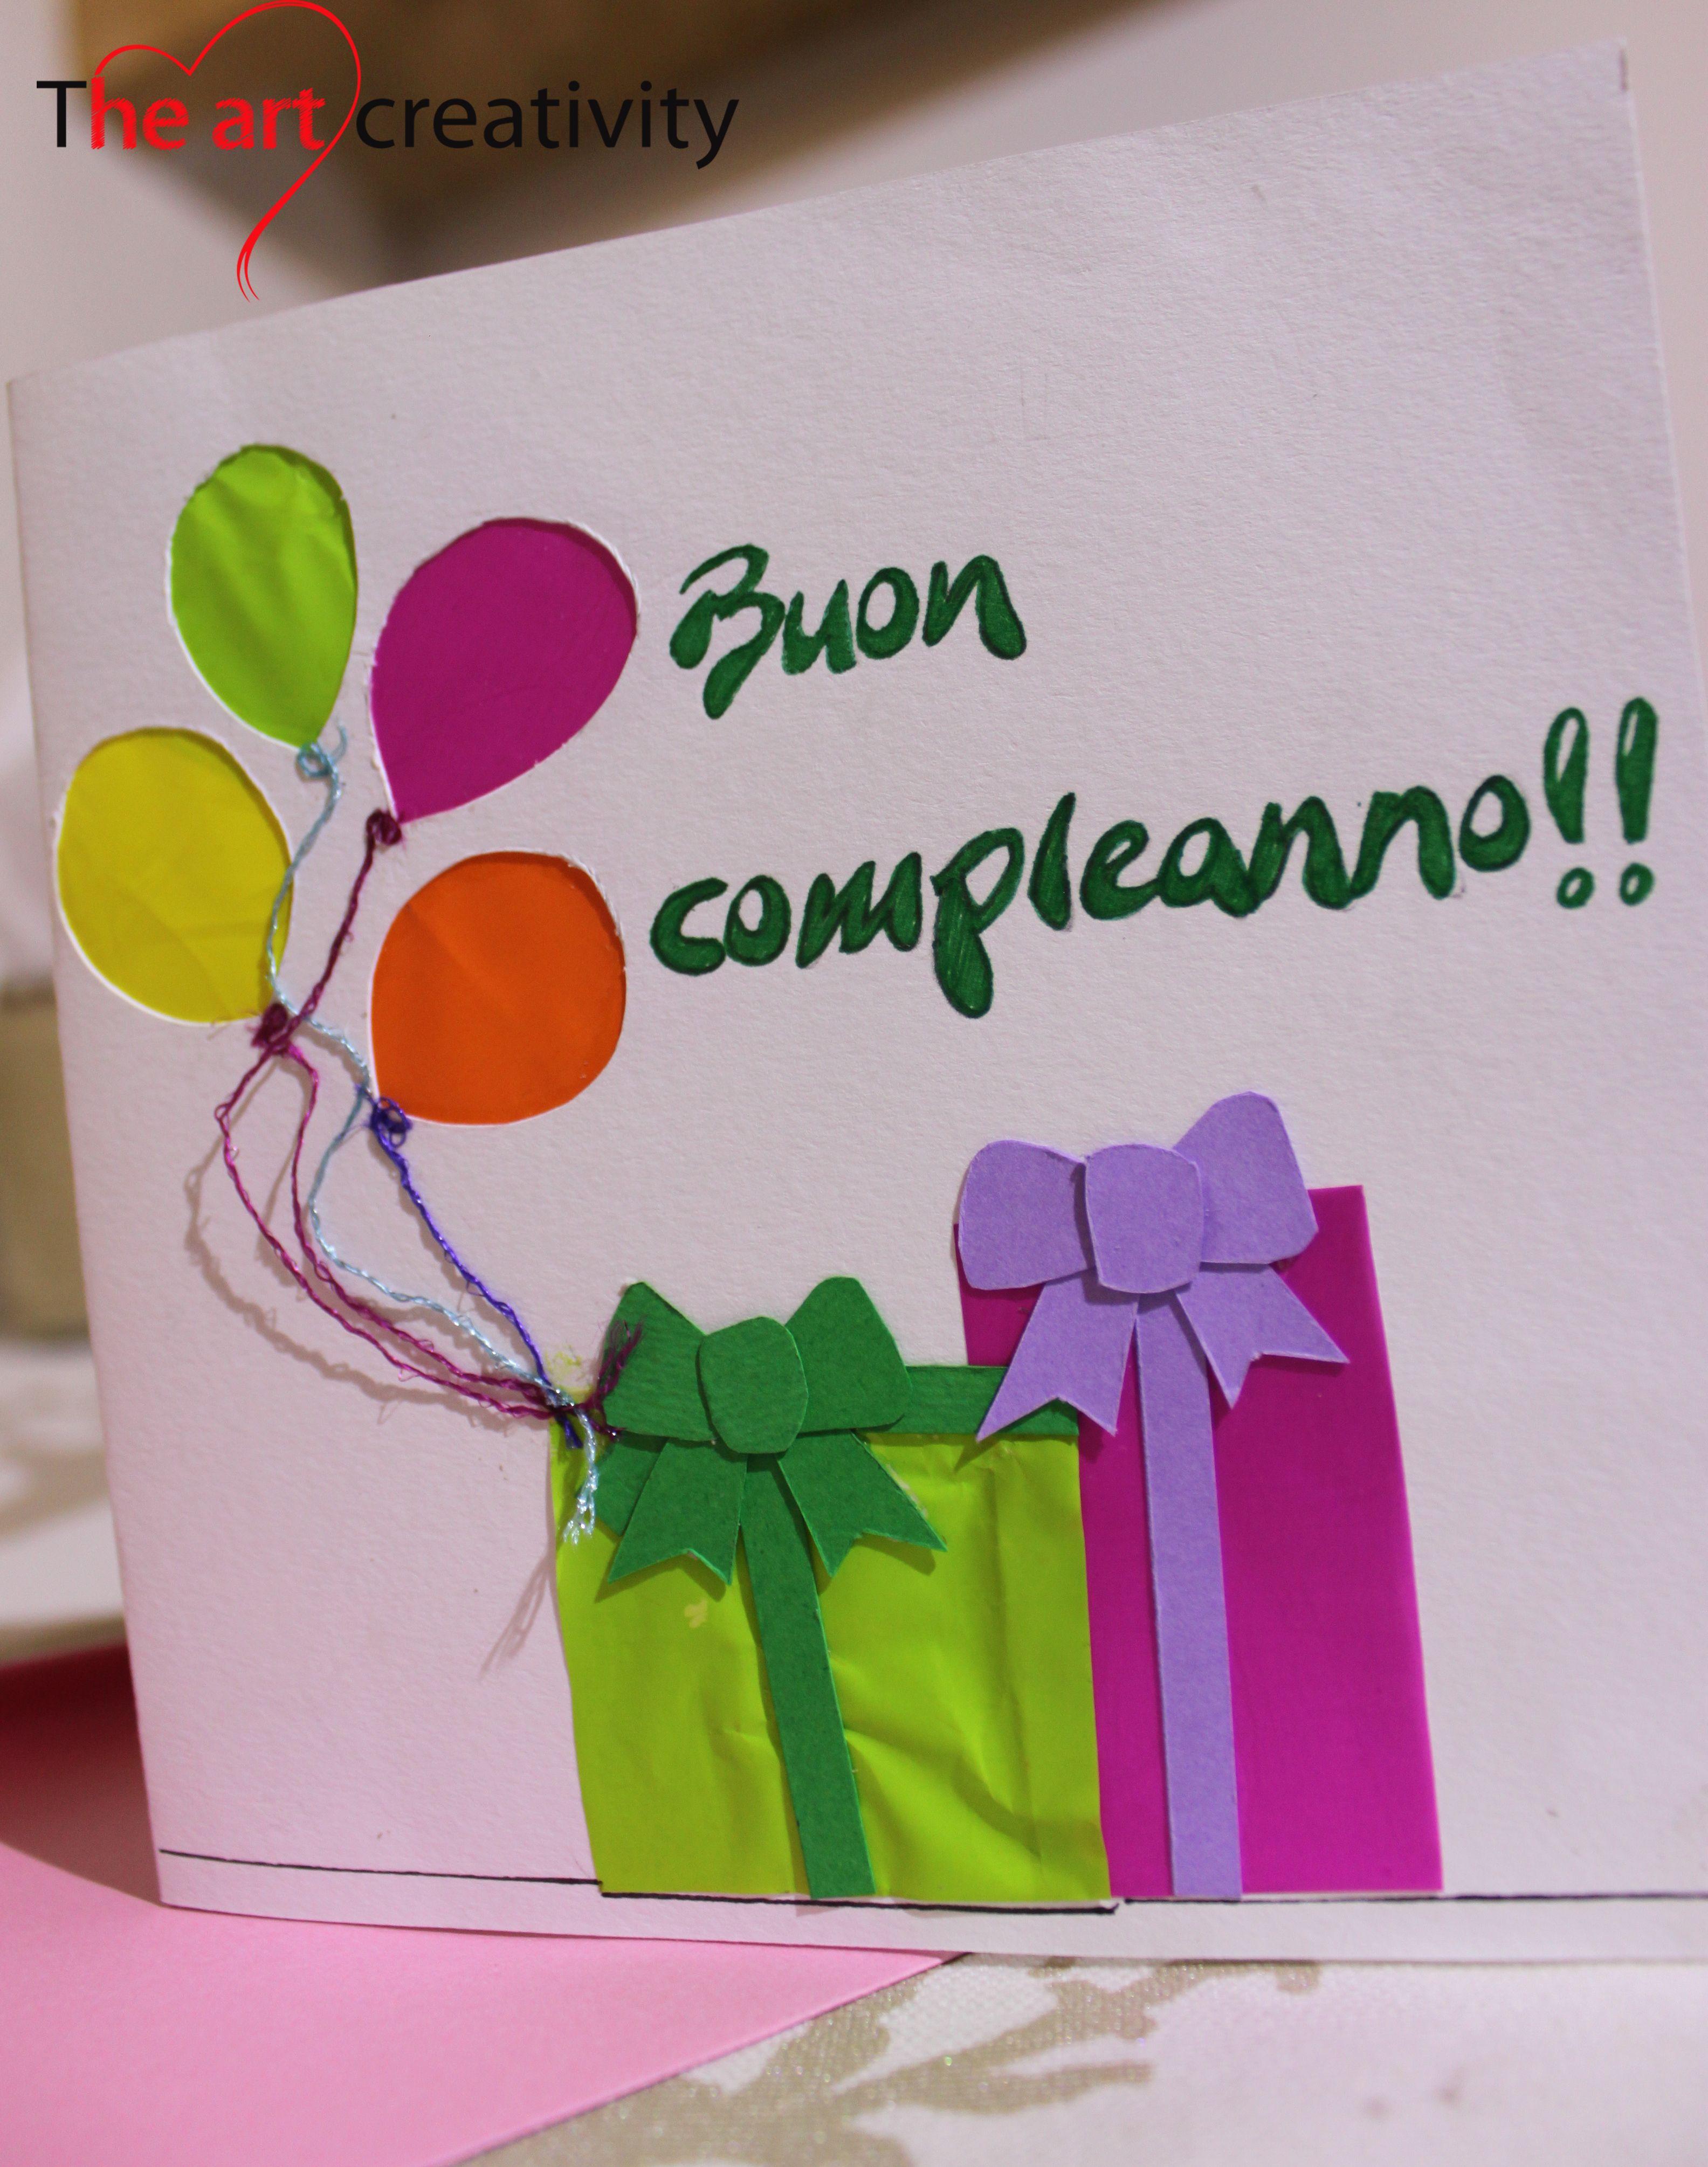 Biglietto Di Buon Compleanno Happybirthday Gift Paper Compleanno Auguri Biglietti Auguri Fai Da Te Compleanno Biglietti Di Buon Compleanno E Biglietti Compleanno Fai Da Te